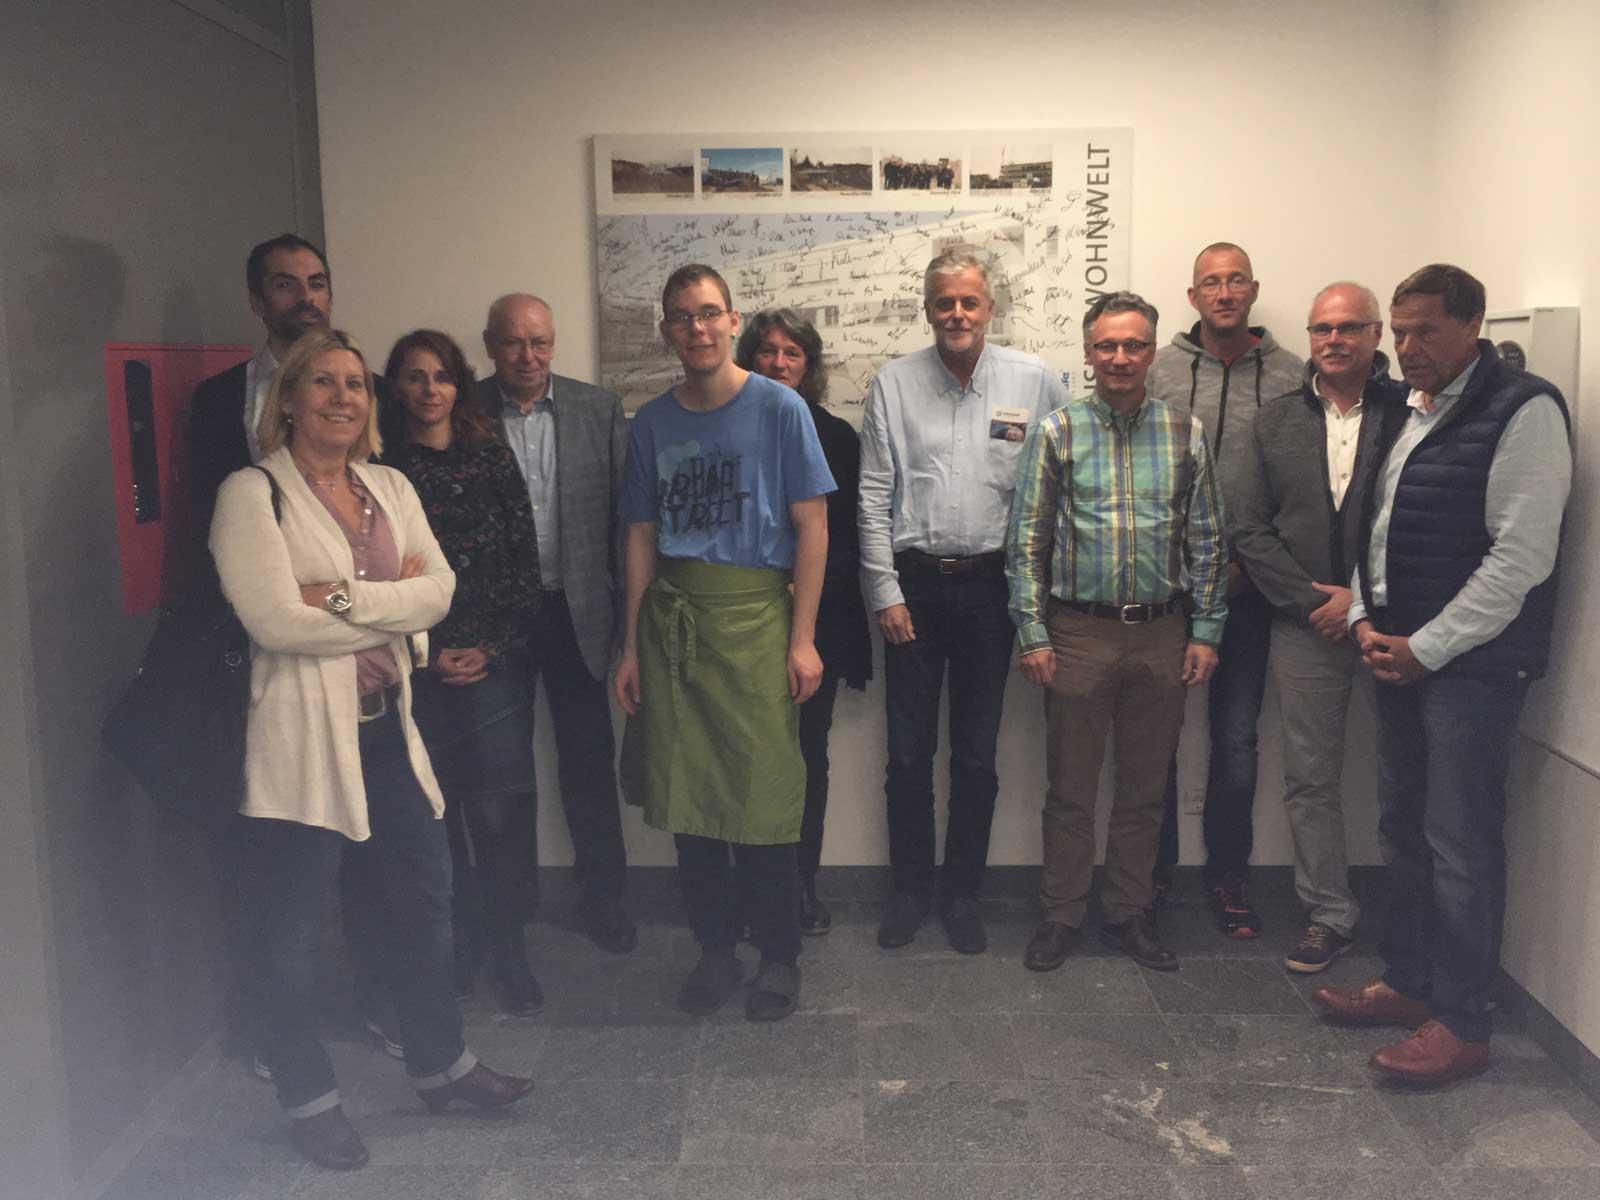 Besuch der Lebenshilfe Neunkirchen aus dem Saarland. Die Delegation informierte sich über die Reittherapie als auch über Wohnangebote der Lebenshilfe Nürnberger Land.